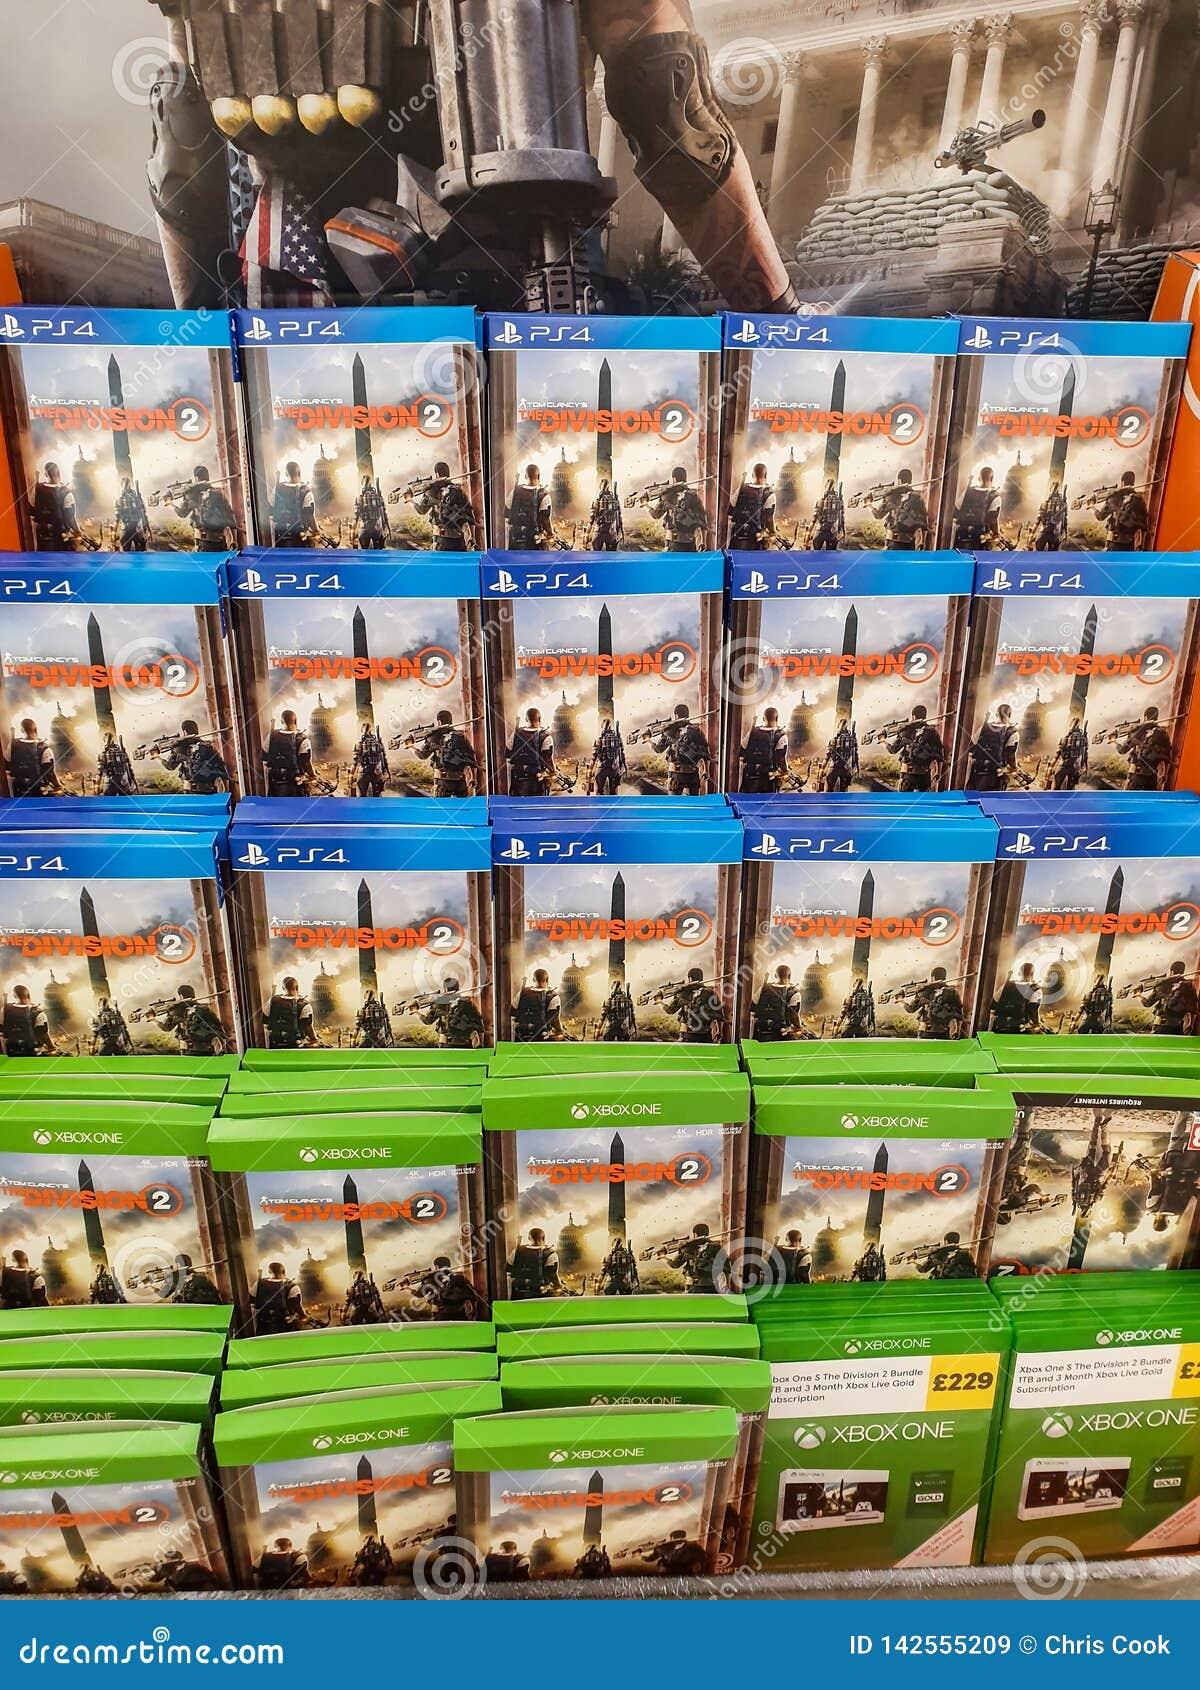 SHEFFIELD, HET UK - 20TH MAART 2019: Afdeling 2 voor verkoop in Tesco voor zowel Xbox One als Playstation 4